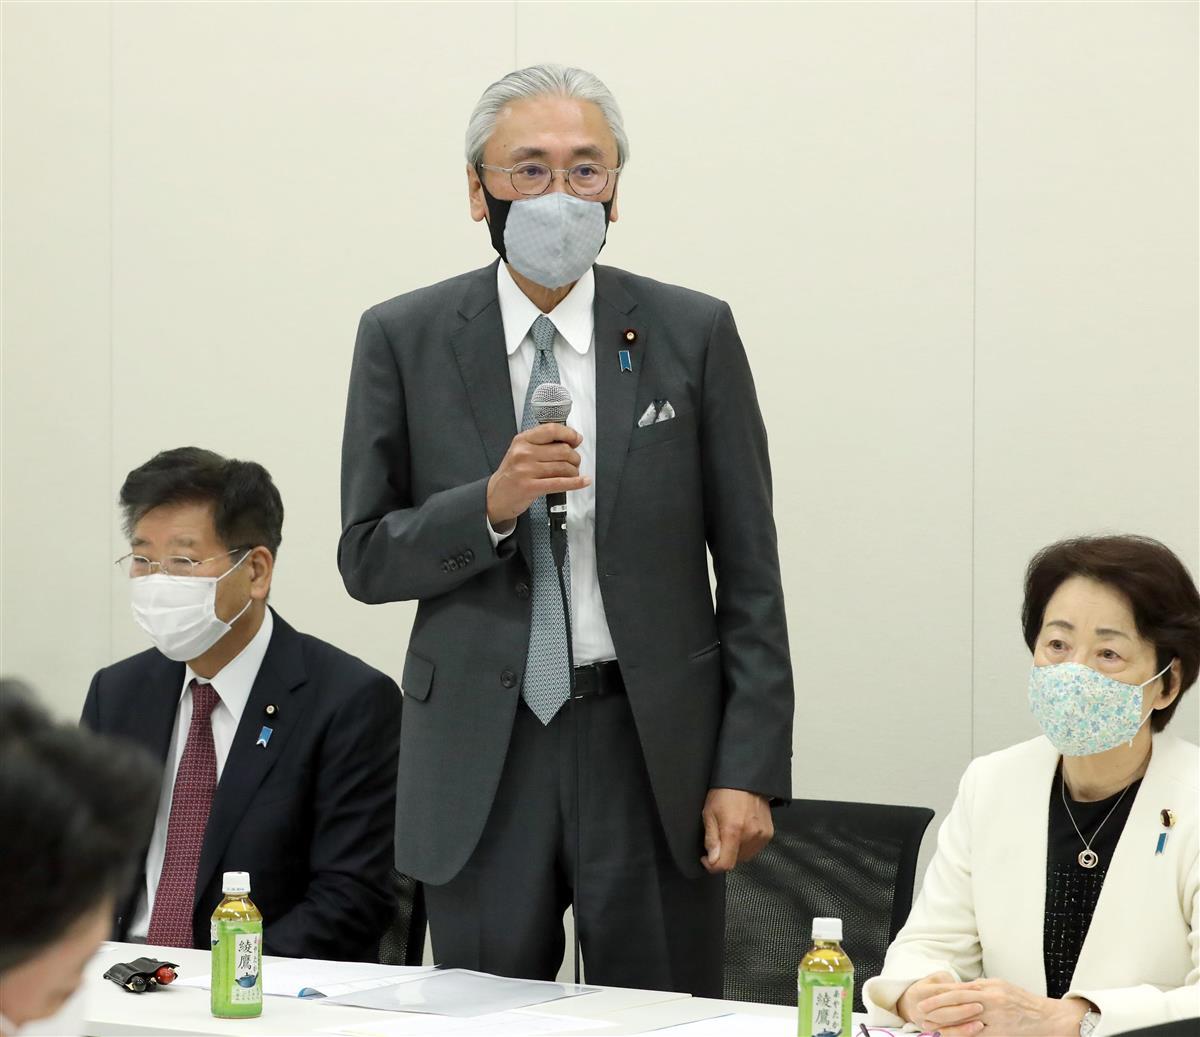 日本ウイグル議連の総会で発言する古屋圭司会長(中央)=18日午後、国会内(春名中撮影)